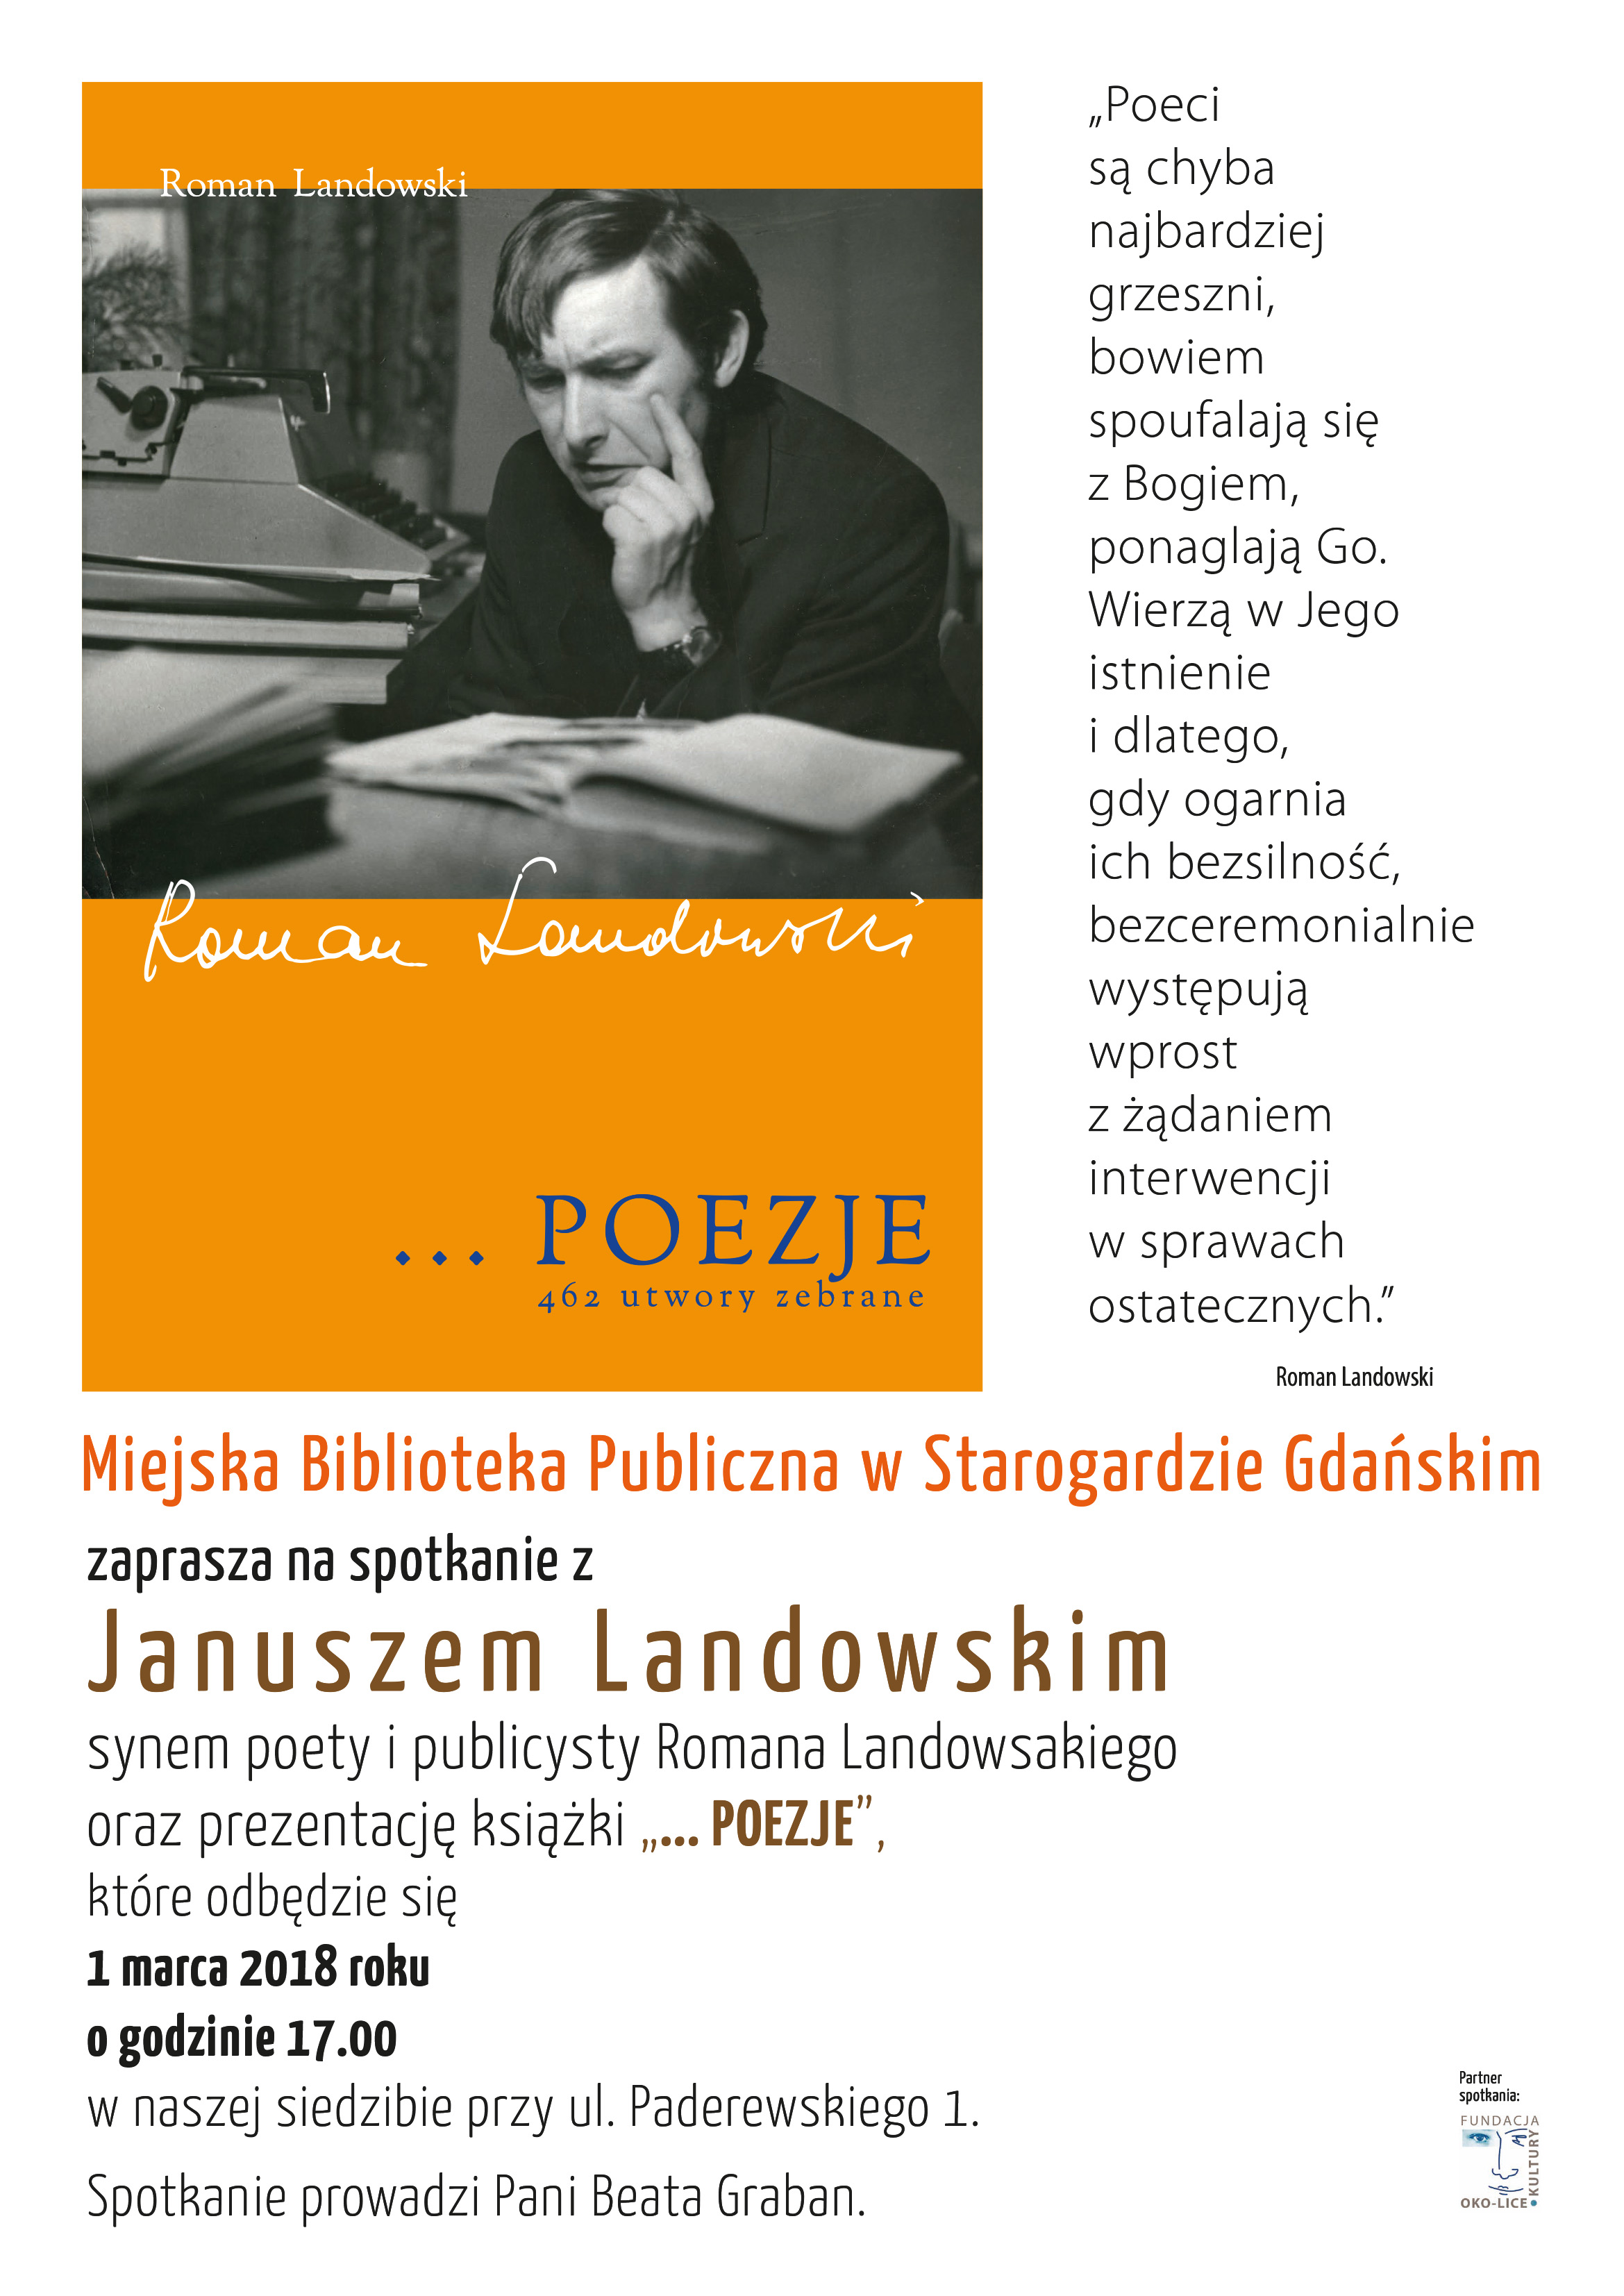 Spotkanie z poezją Romana Landowskiego